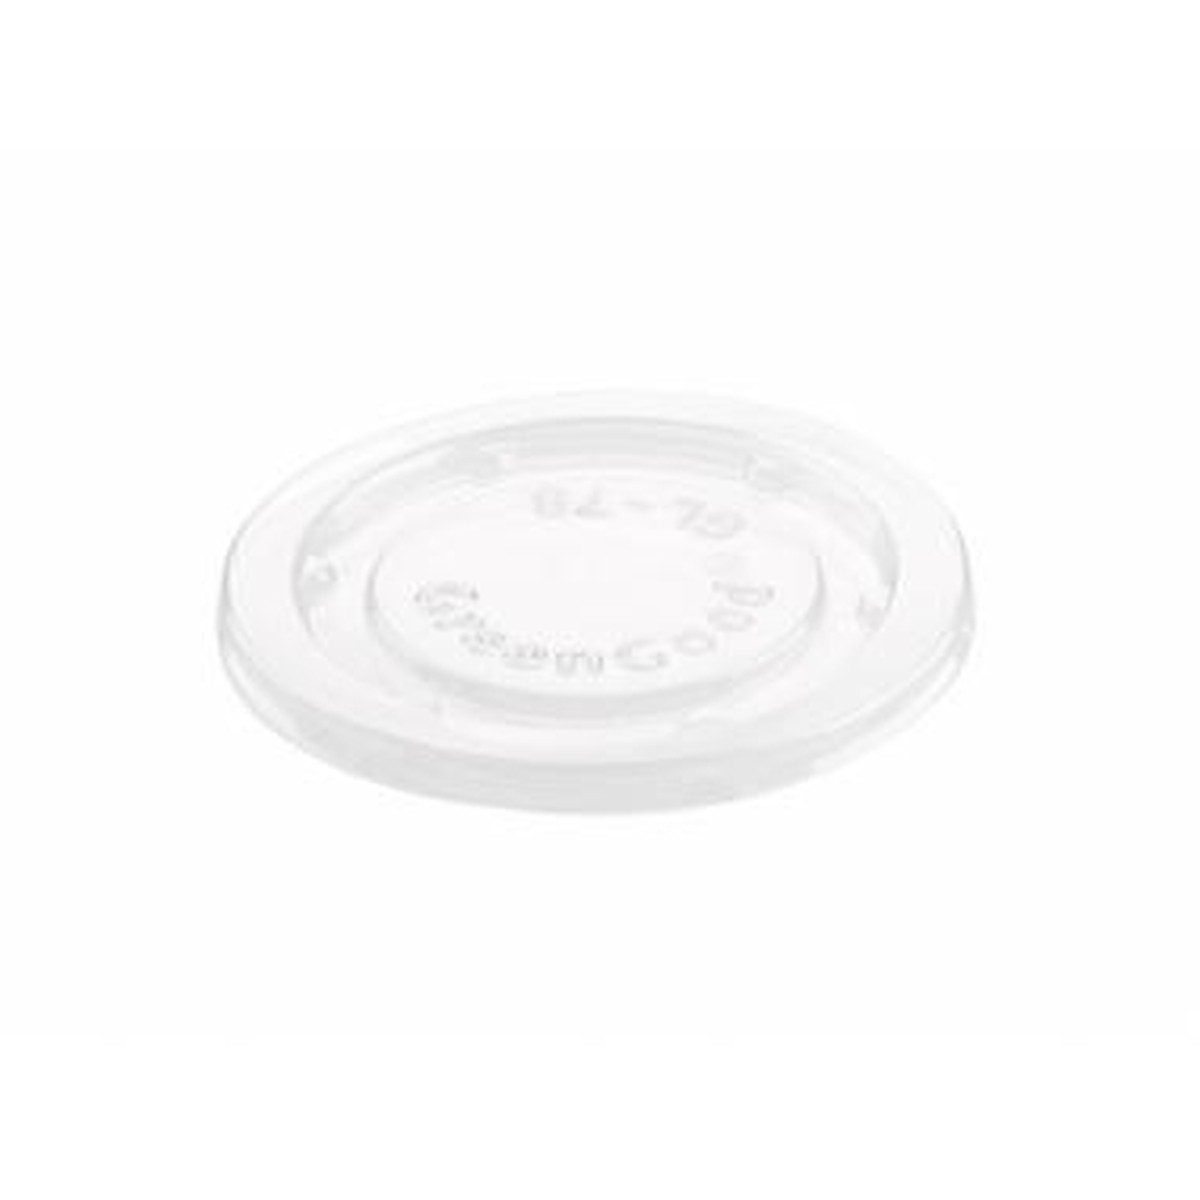 108-02-0061 Deckel PLA